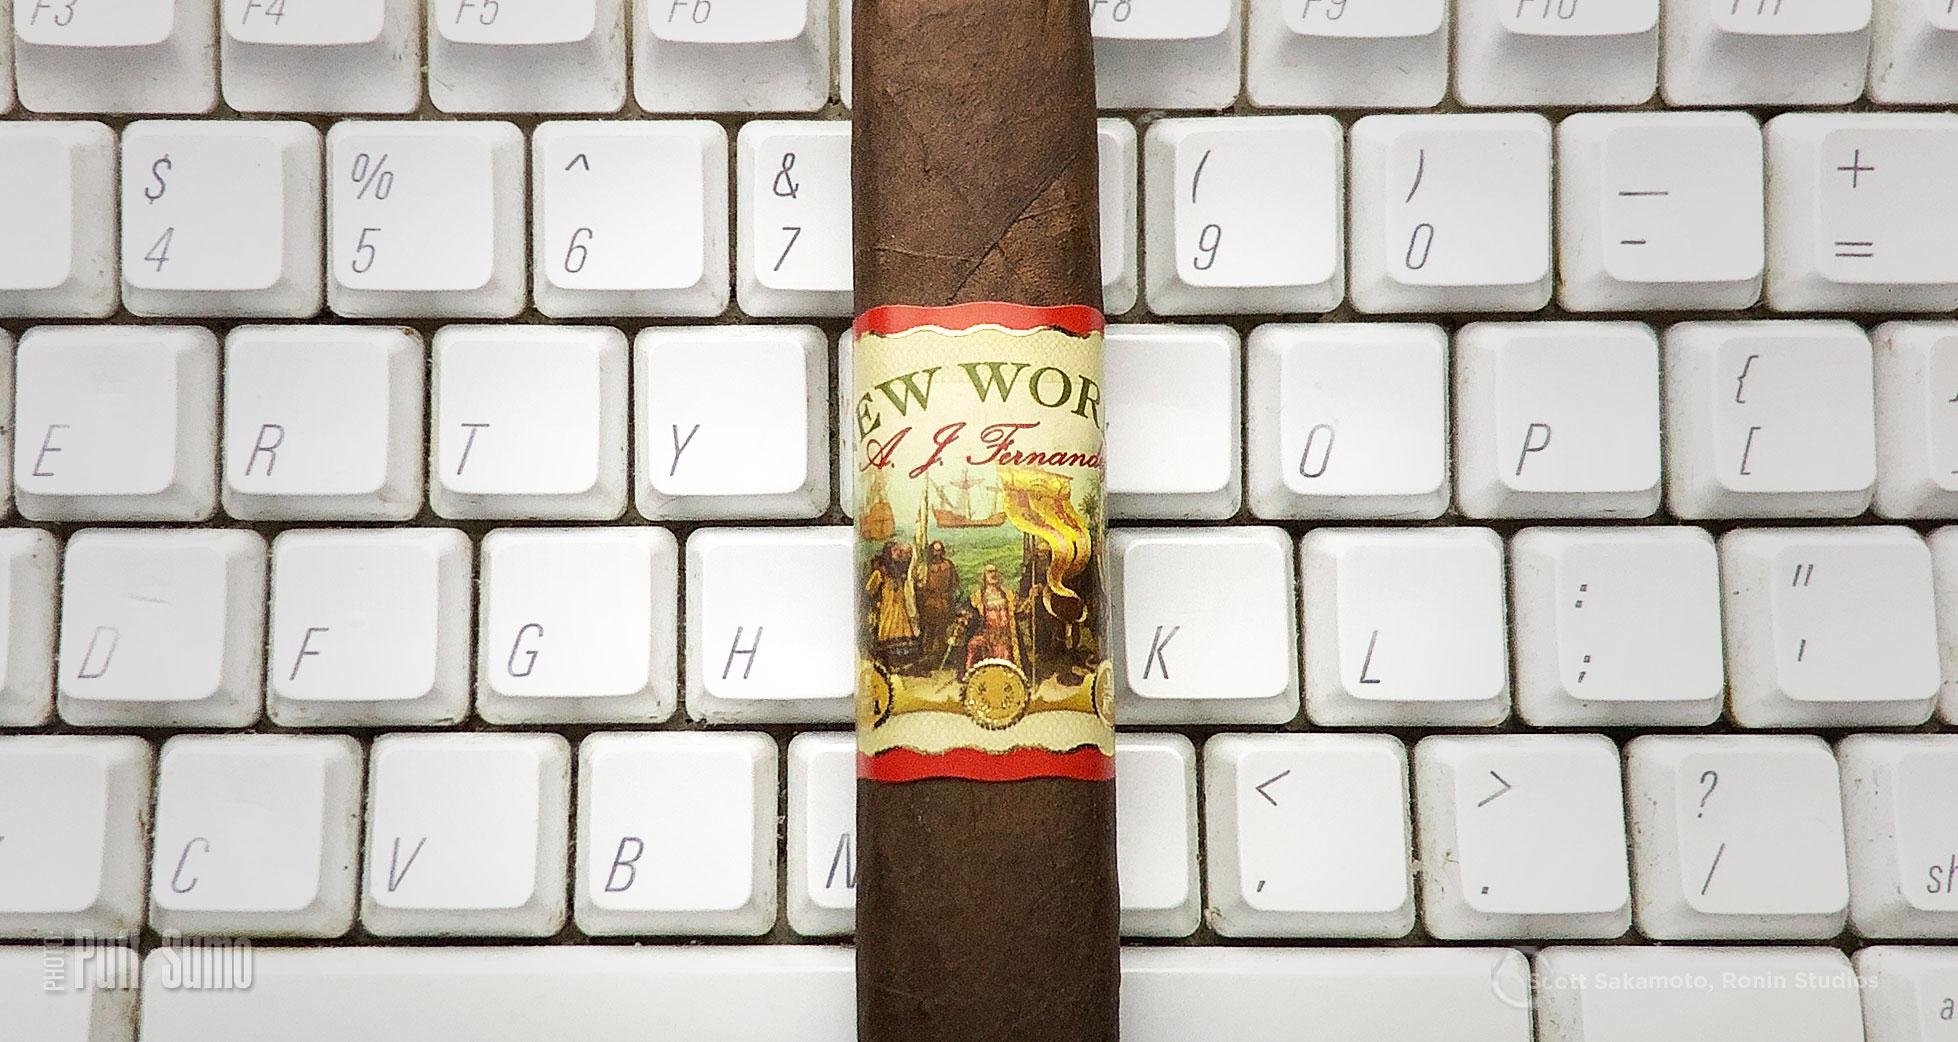 A.J. Fernandez, New World, New World Cigar, Nicaraguan Jalapa, Nicaraguan Oscuro